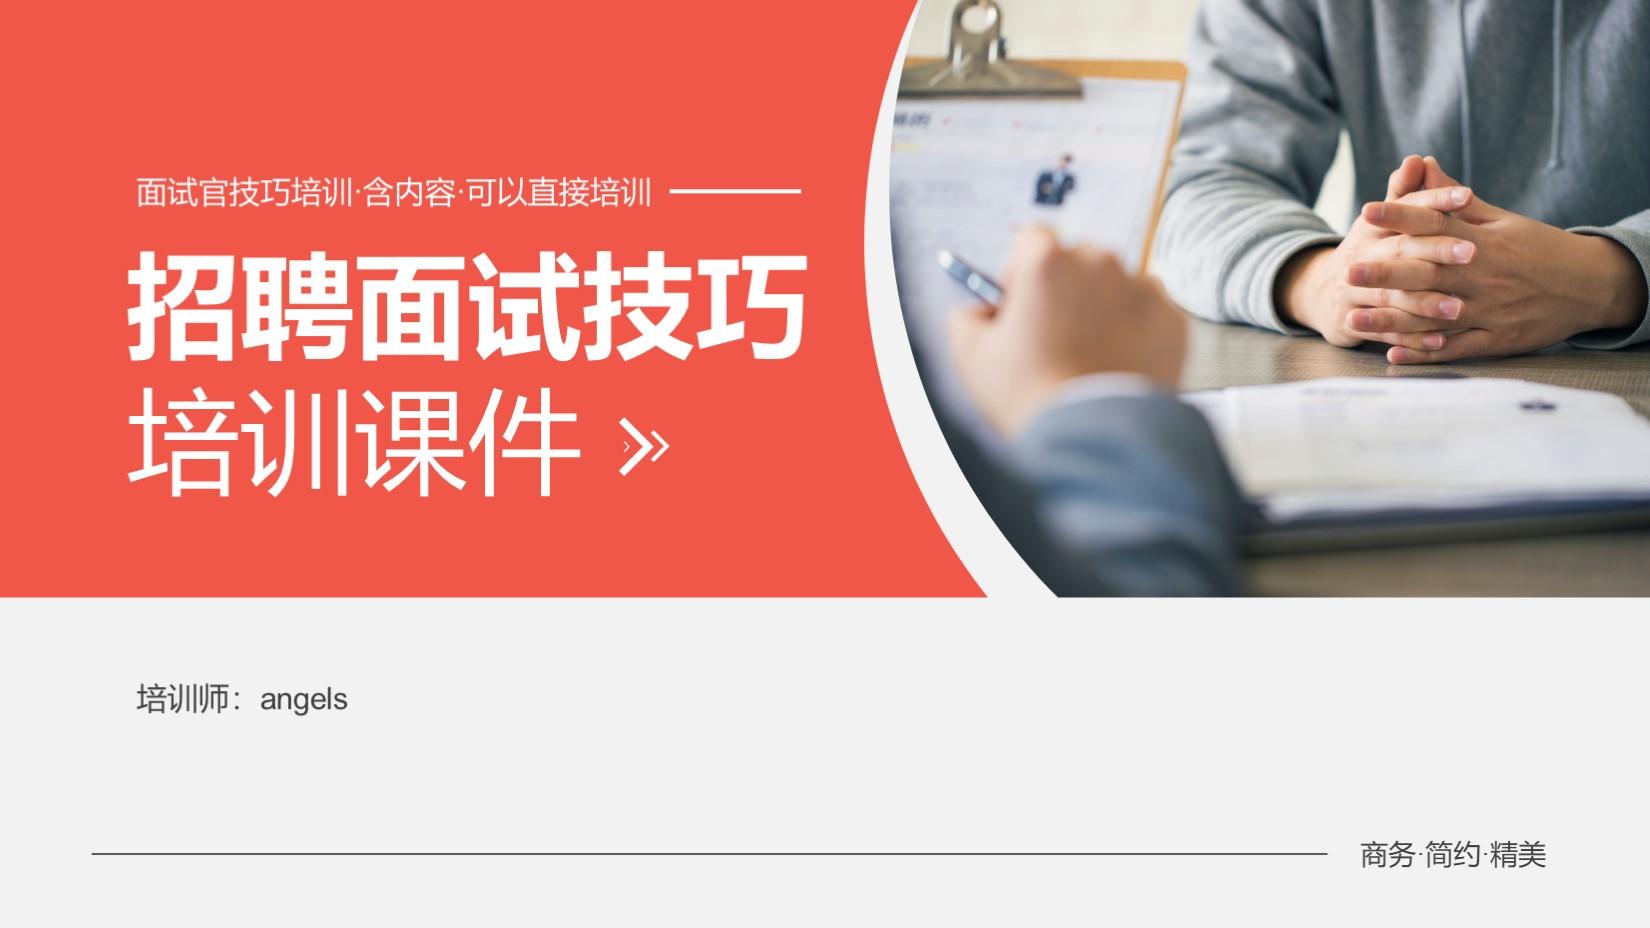 招聘面试官HR技巧培训PPT.pptx